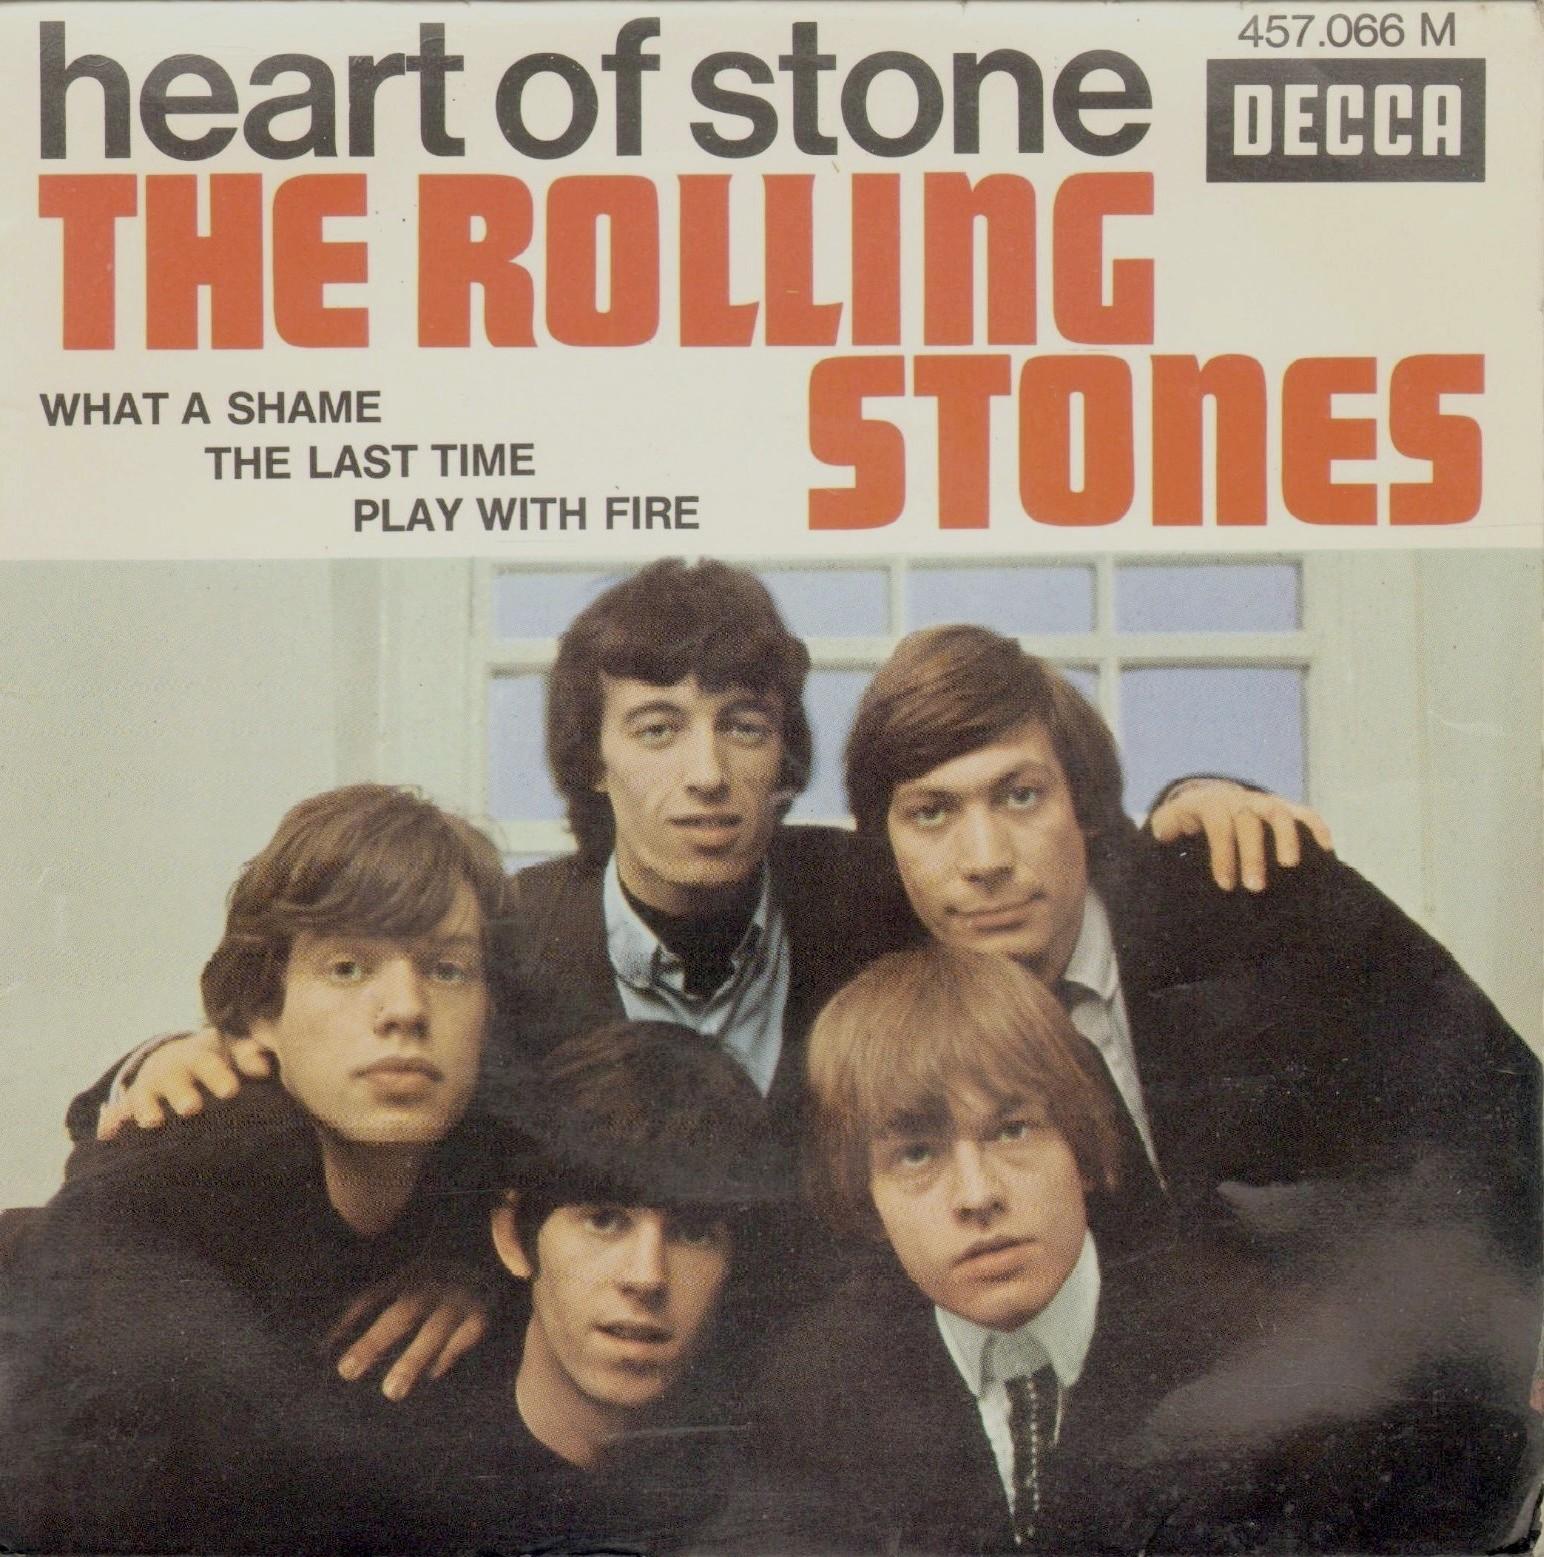 Les EPs français: ROLLING STONES - 1965 - FR-DECCA 457.066